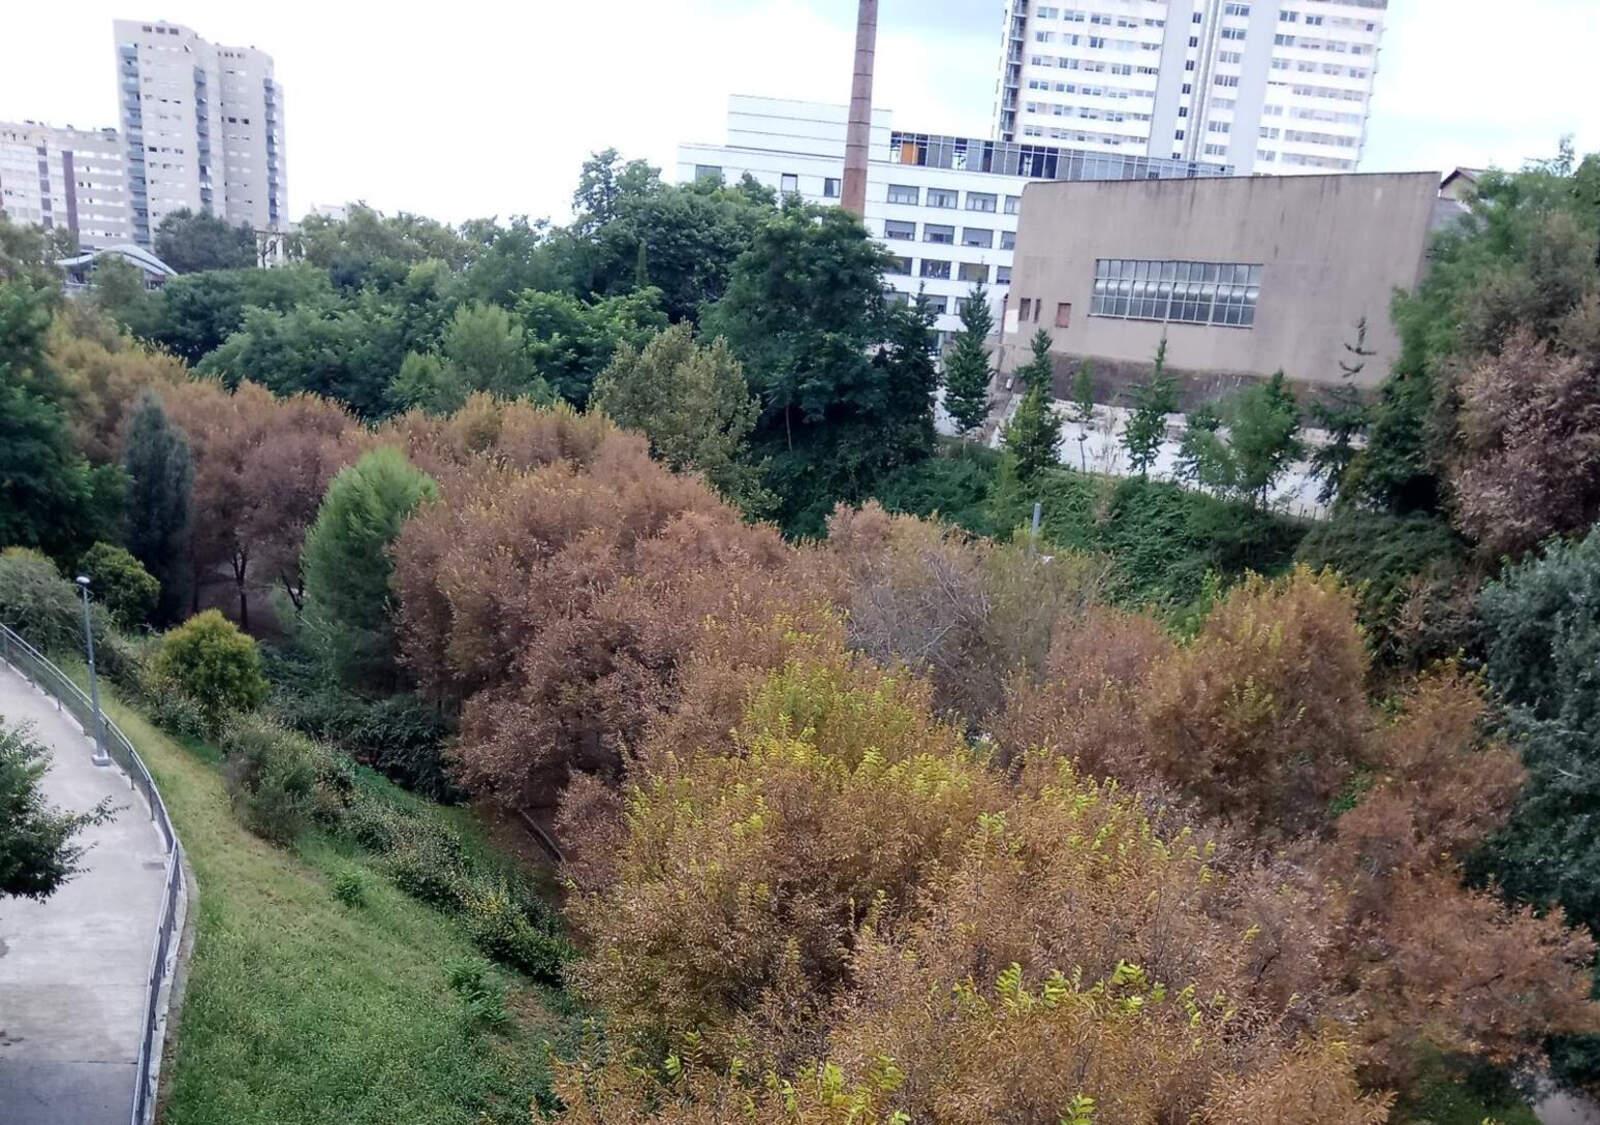 Els arbres de color marronós al Parc de Vallparadís